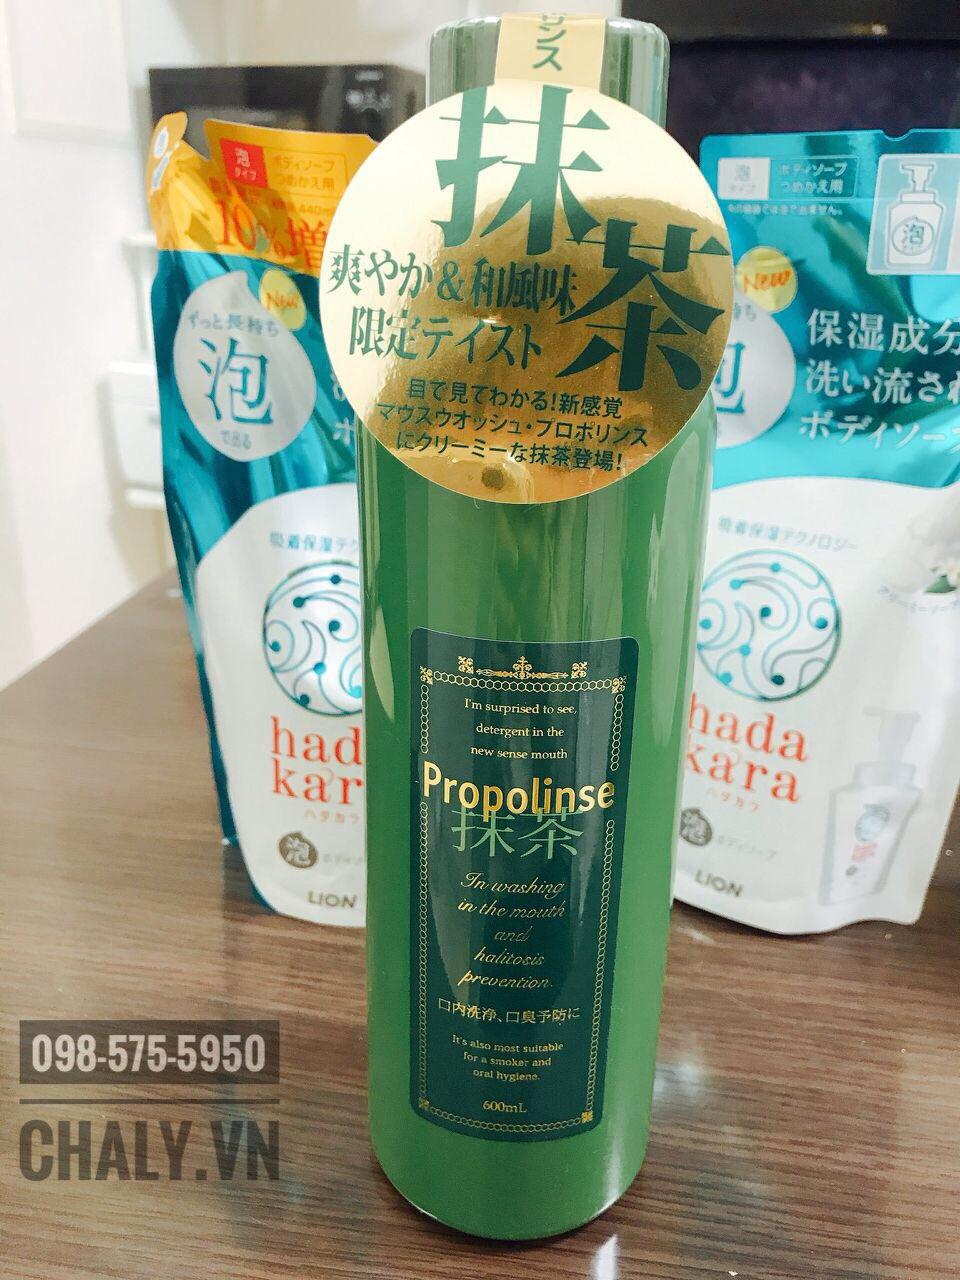 Nghe đồn từ Trung Quốc có cả hàng nước súc miệng propolinse fake bán ở các chợ như Ueno ấy nên mọi người mua vào drugstore uy tín mua cho đảm bảo, hoặc mua từ Amazon